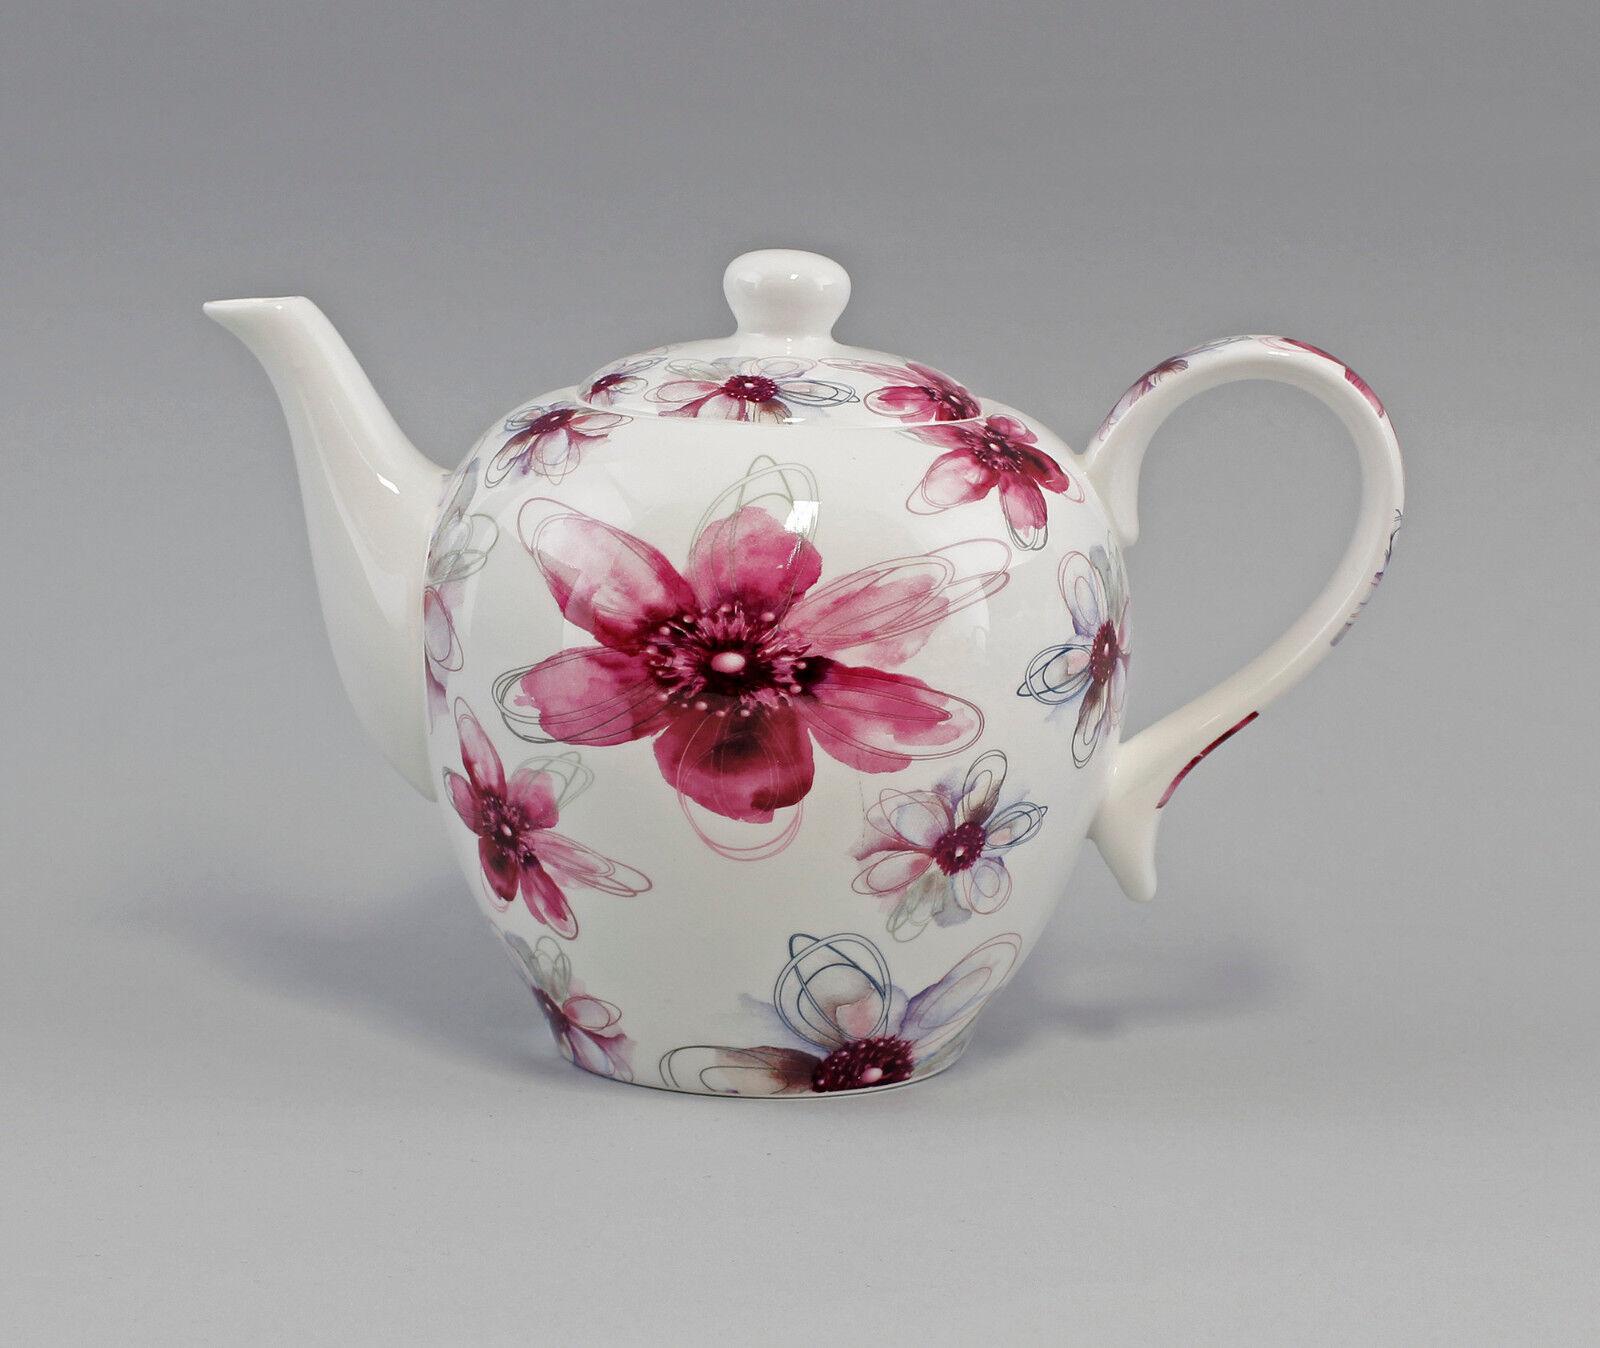 9952286 Porcelaine Thé-Théière décor fleurs Rose JAMESON & TAILOR 1,3 L h16, 5 cm